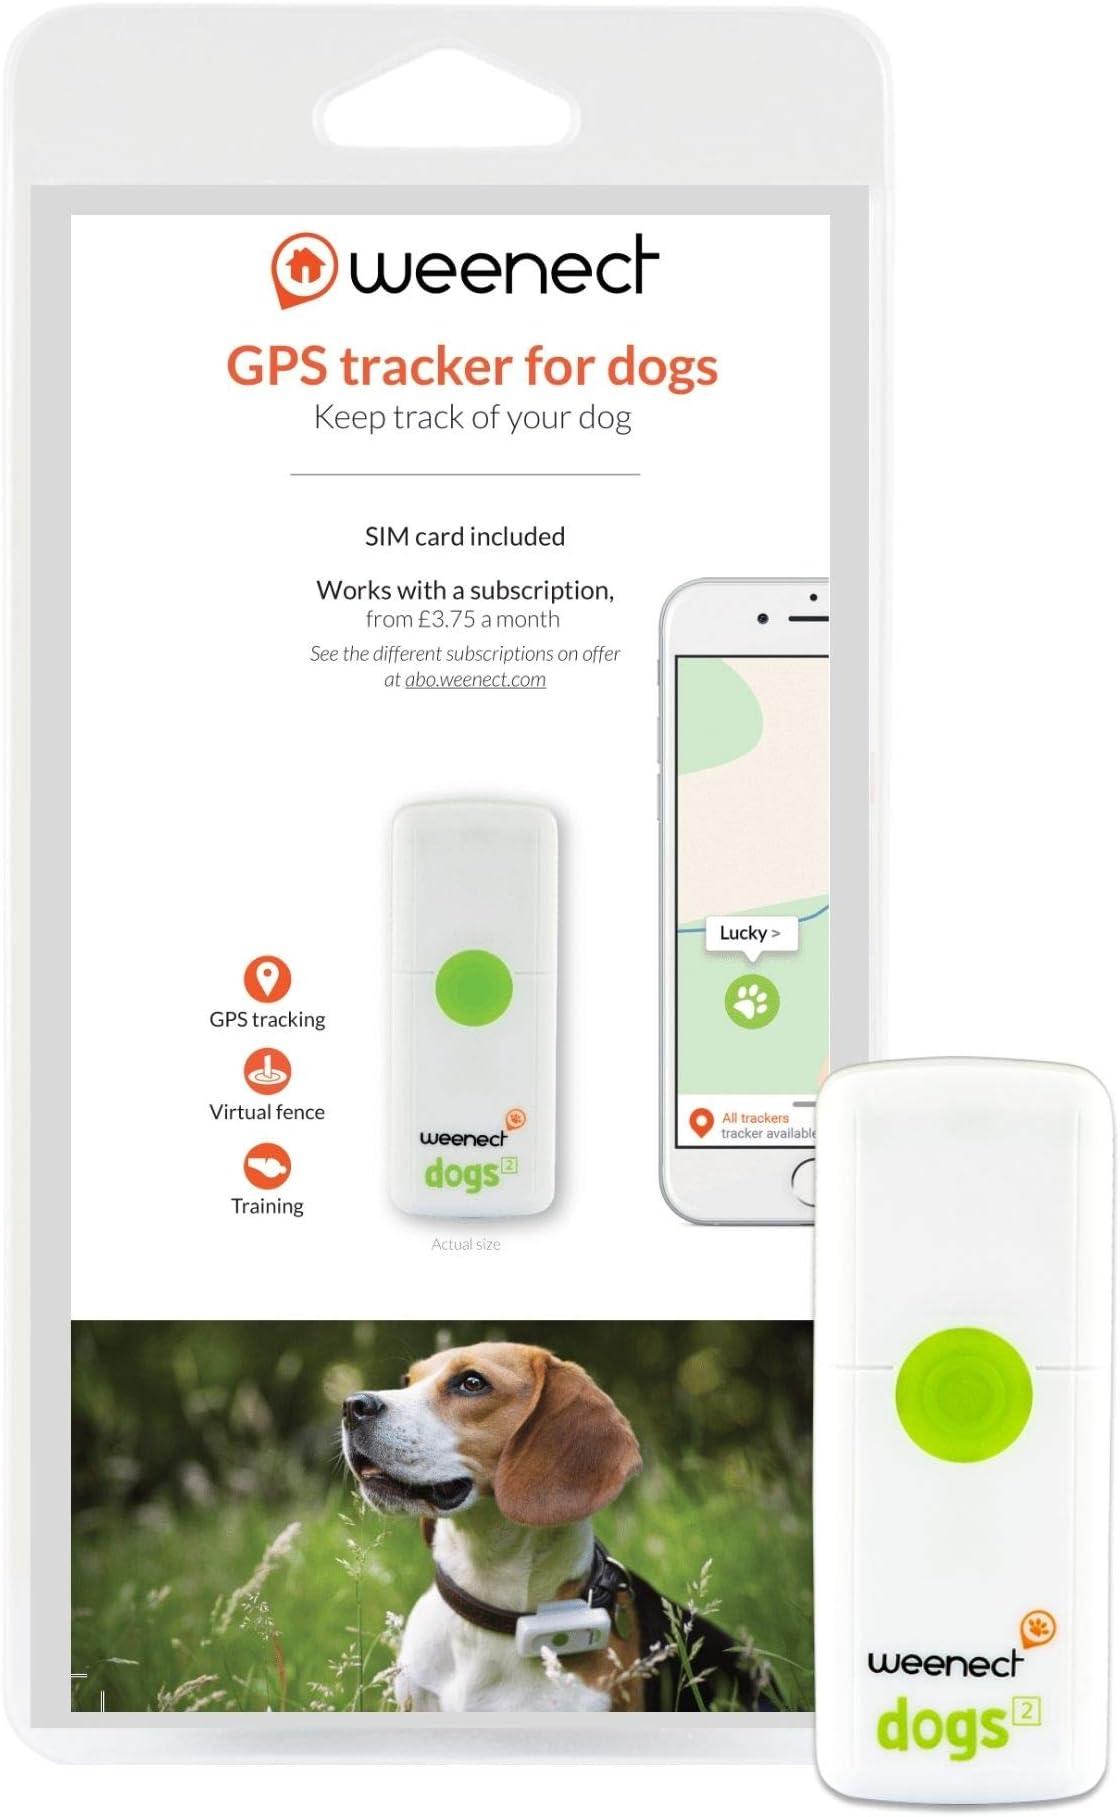 Weenect-Der-weltweit-kleinste-GPS-Tracker-Hund